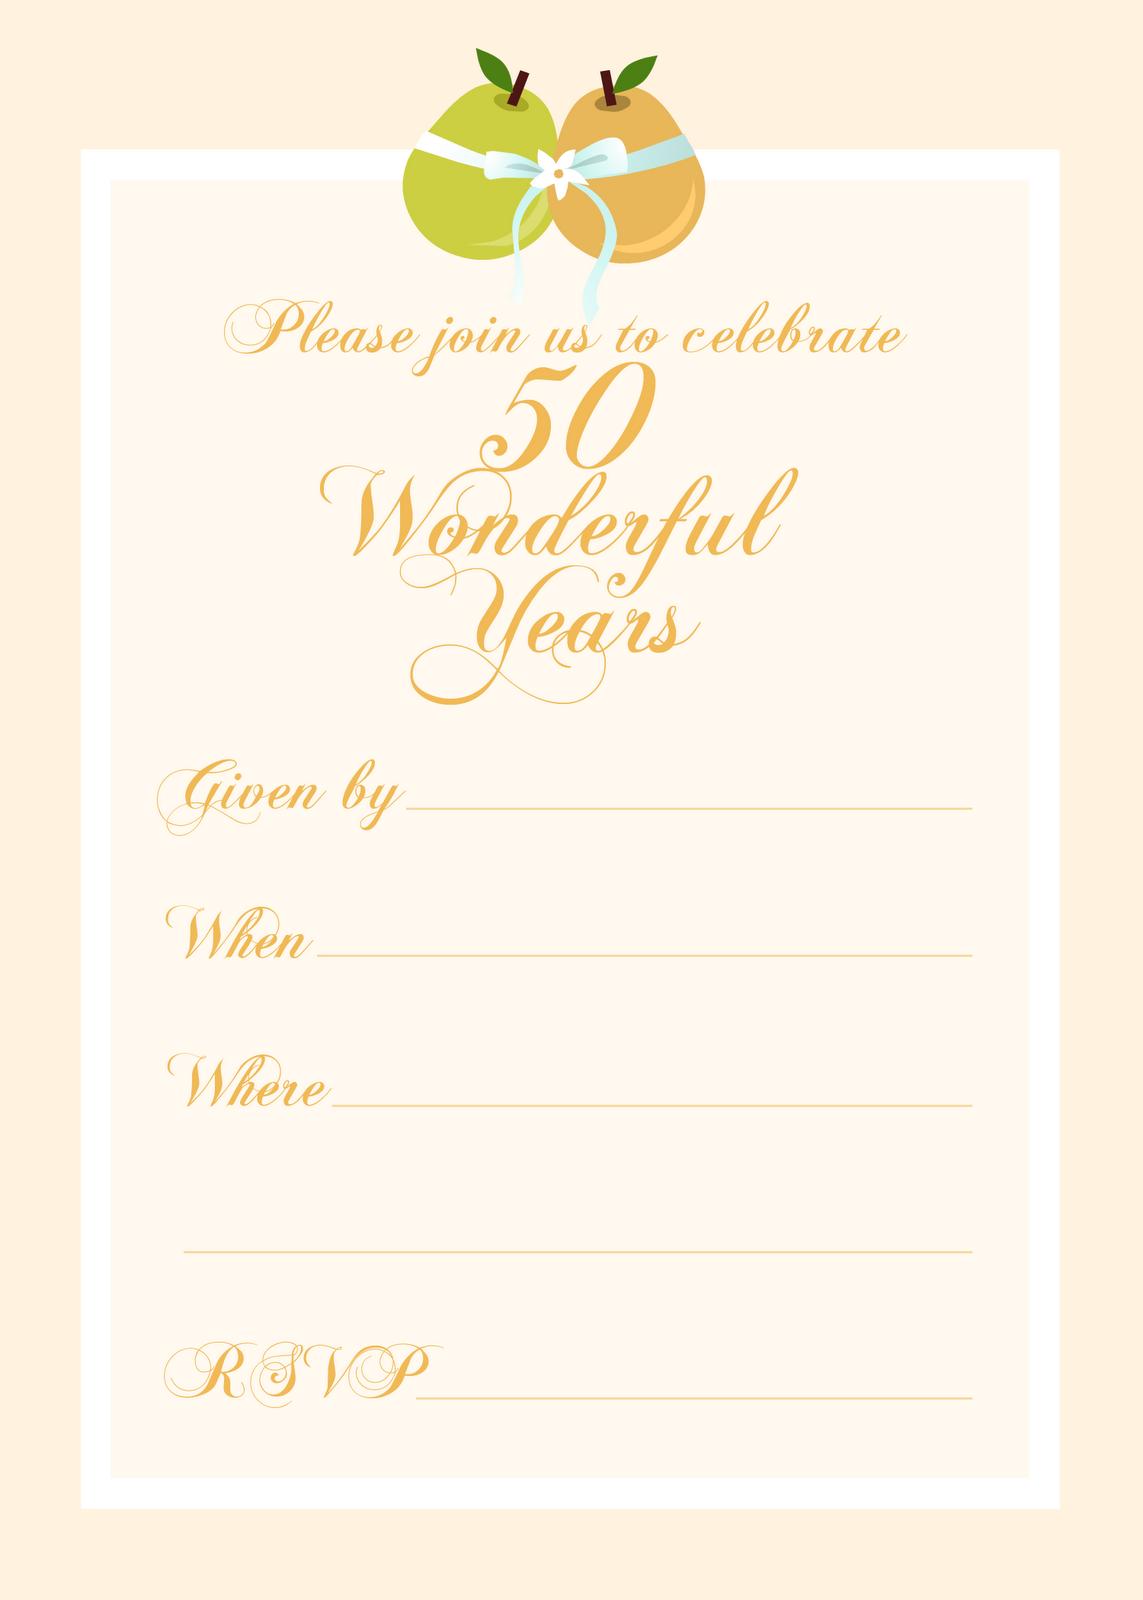 Free 50th Anniversary Clip Art - Cliparts.co